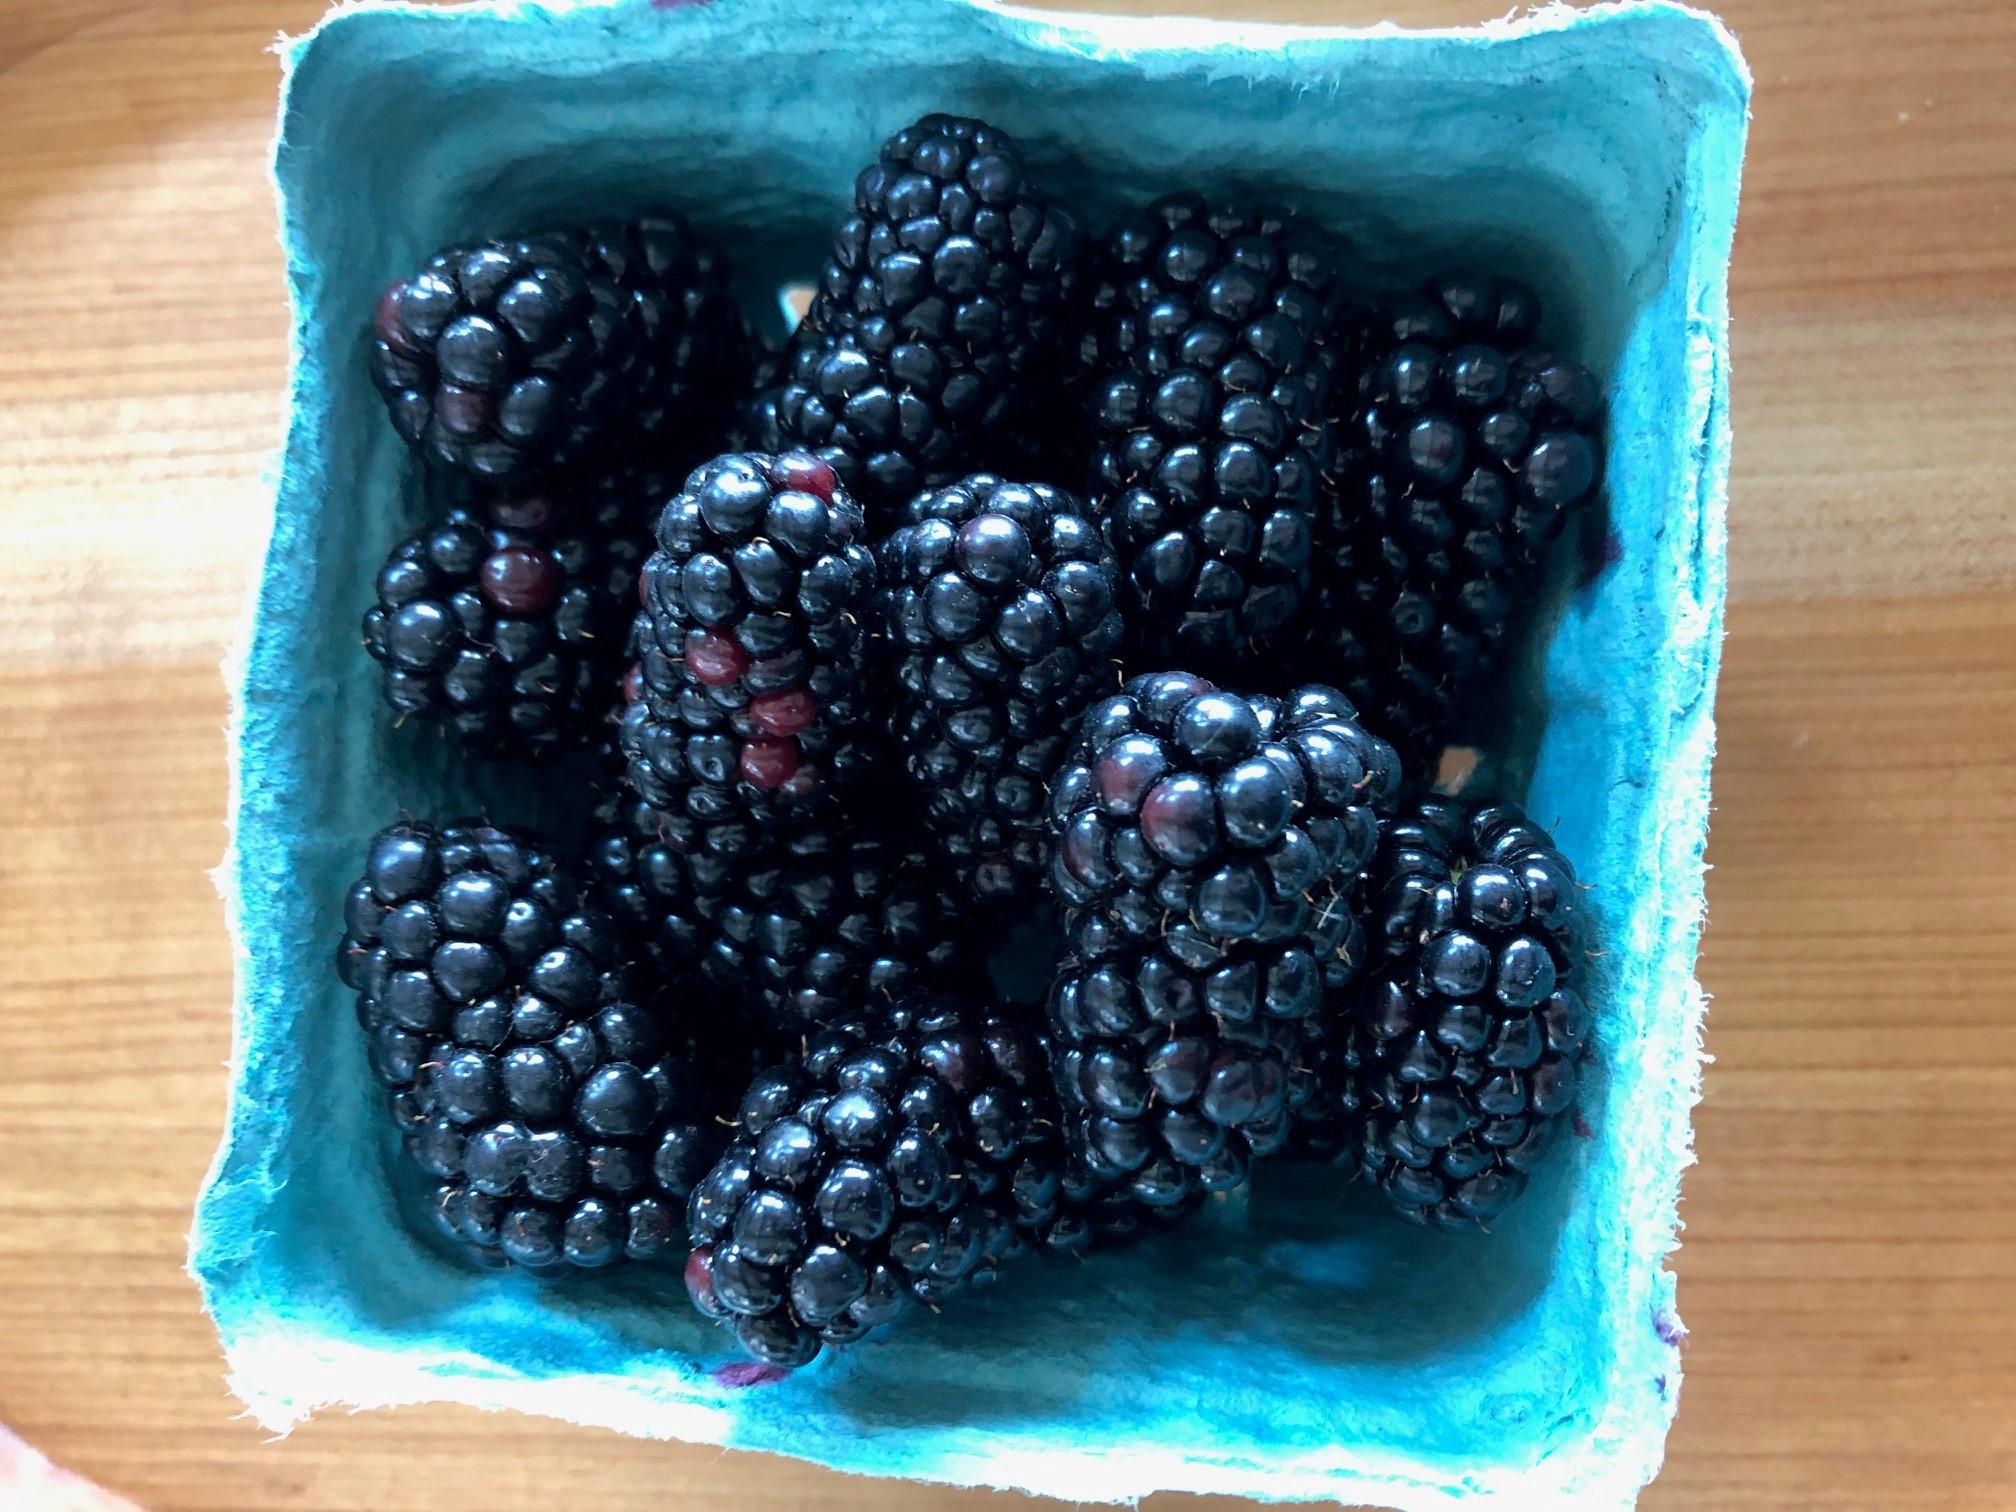 Blackberries - Pint